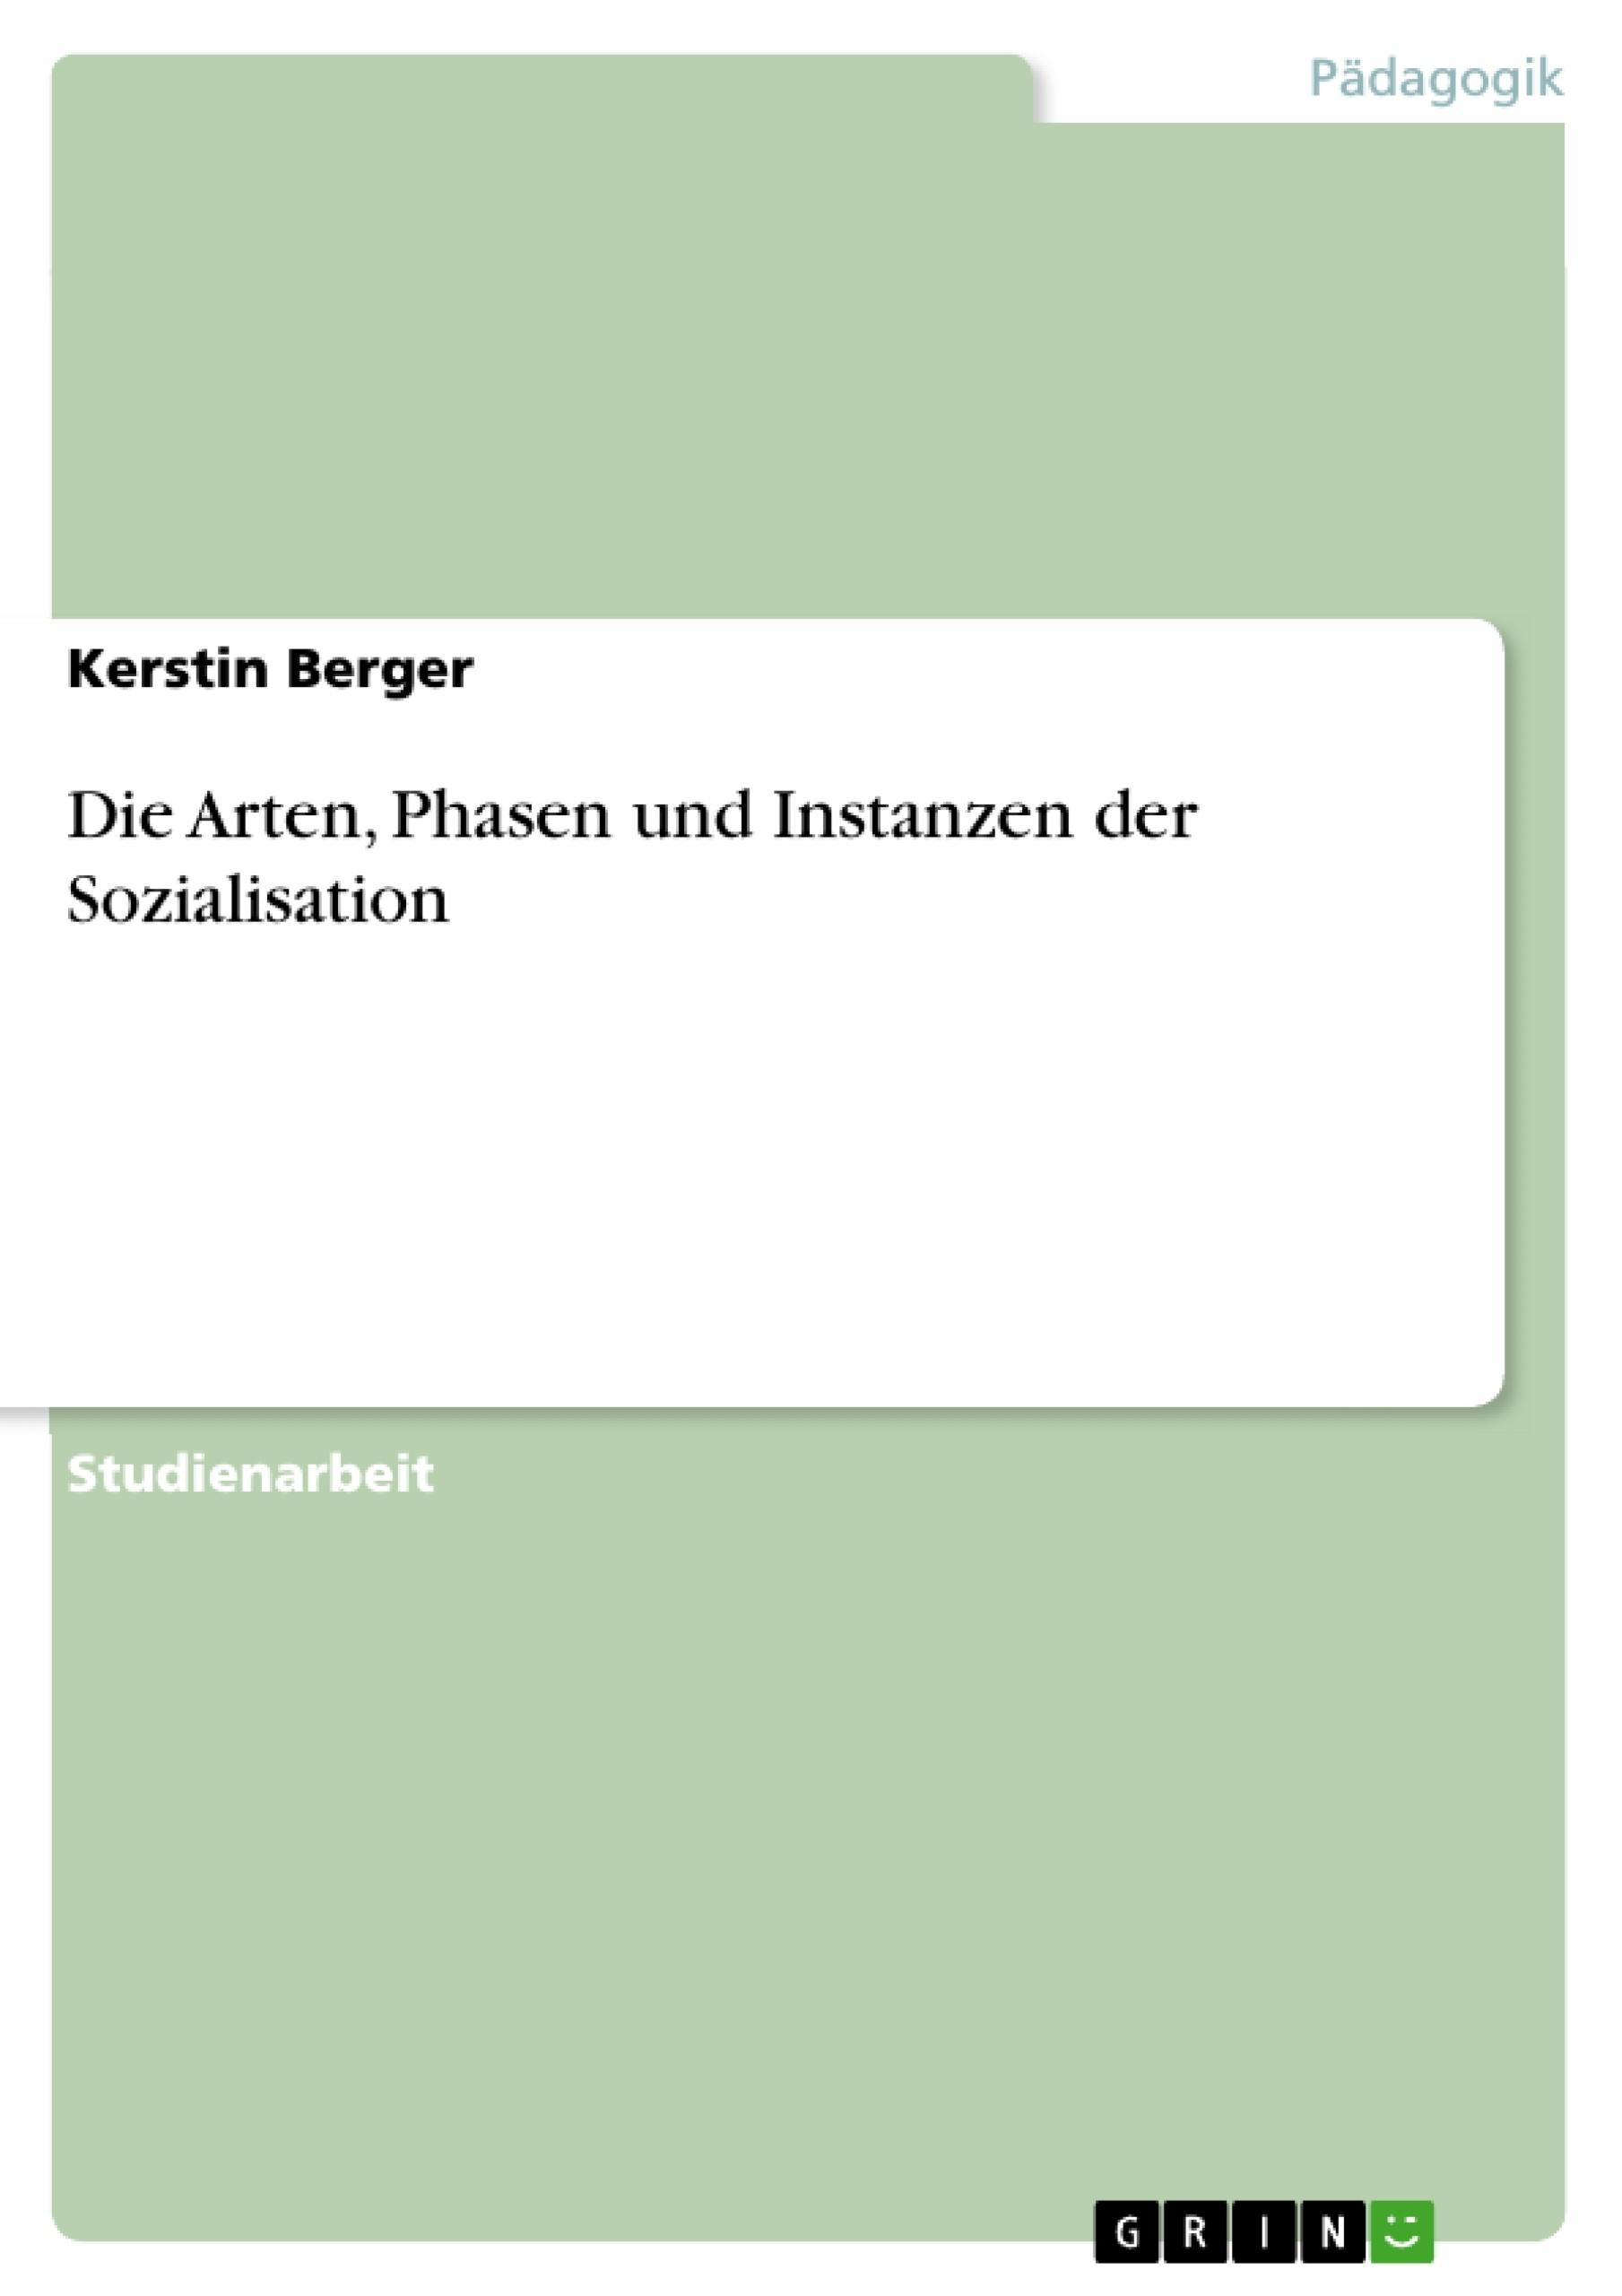 Titel: Die Arten, Phasen und Instanzen der Sozialisation